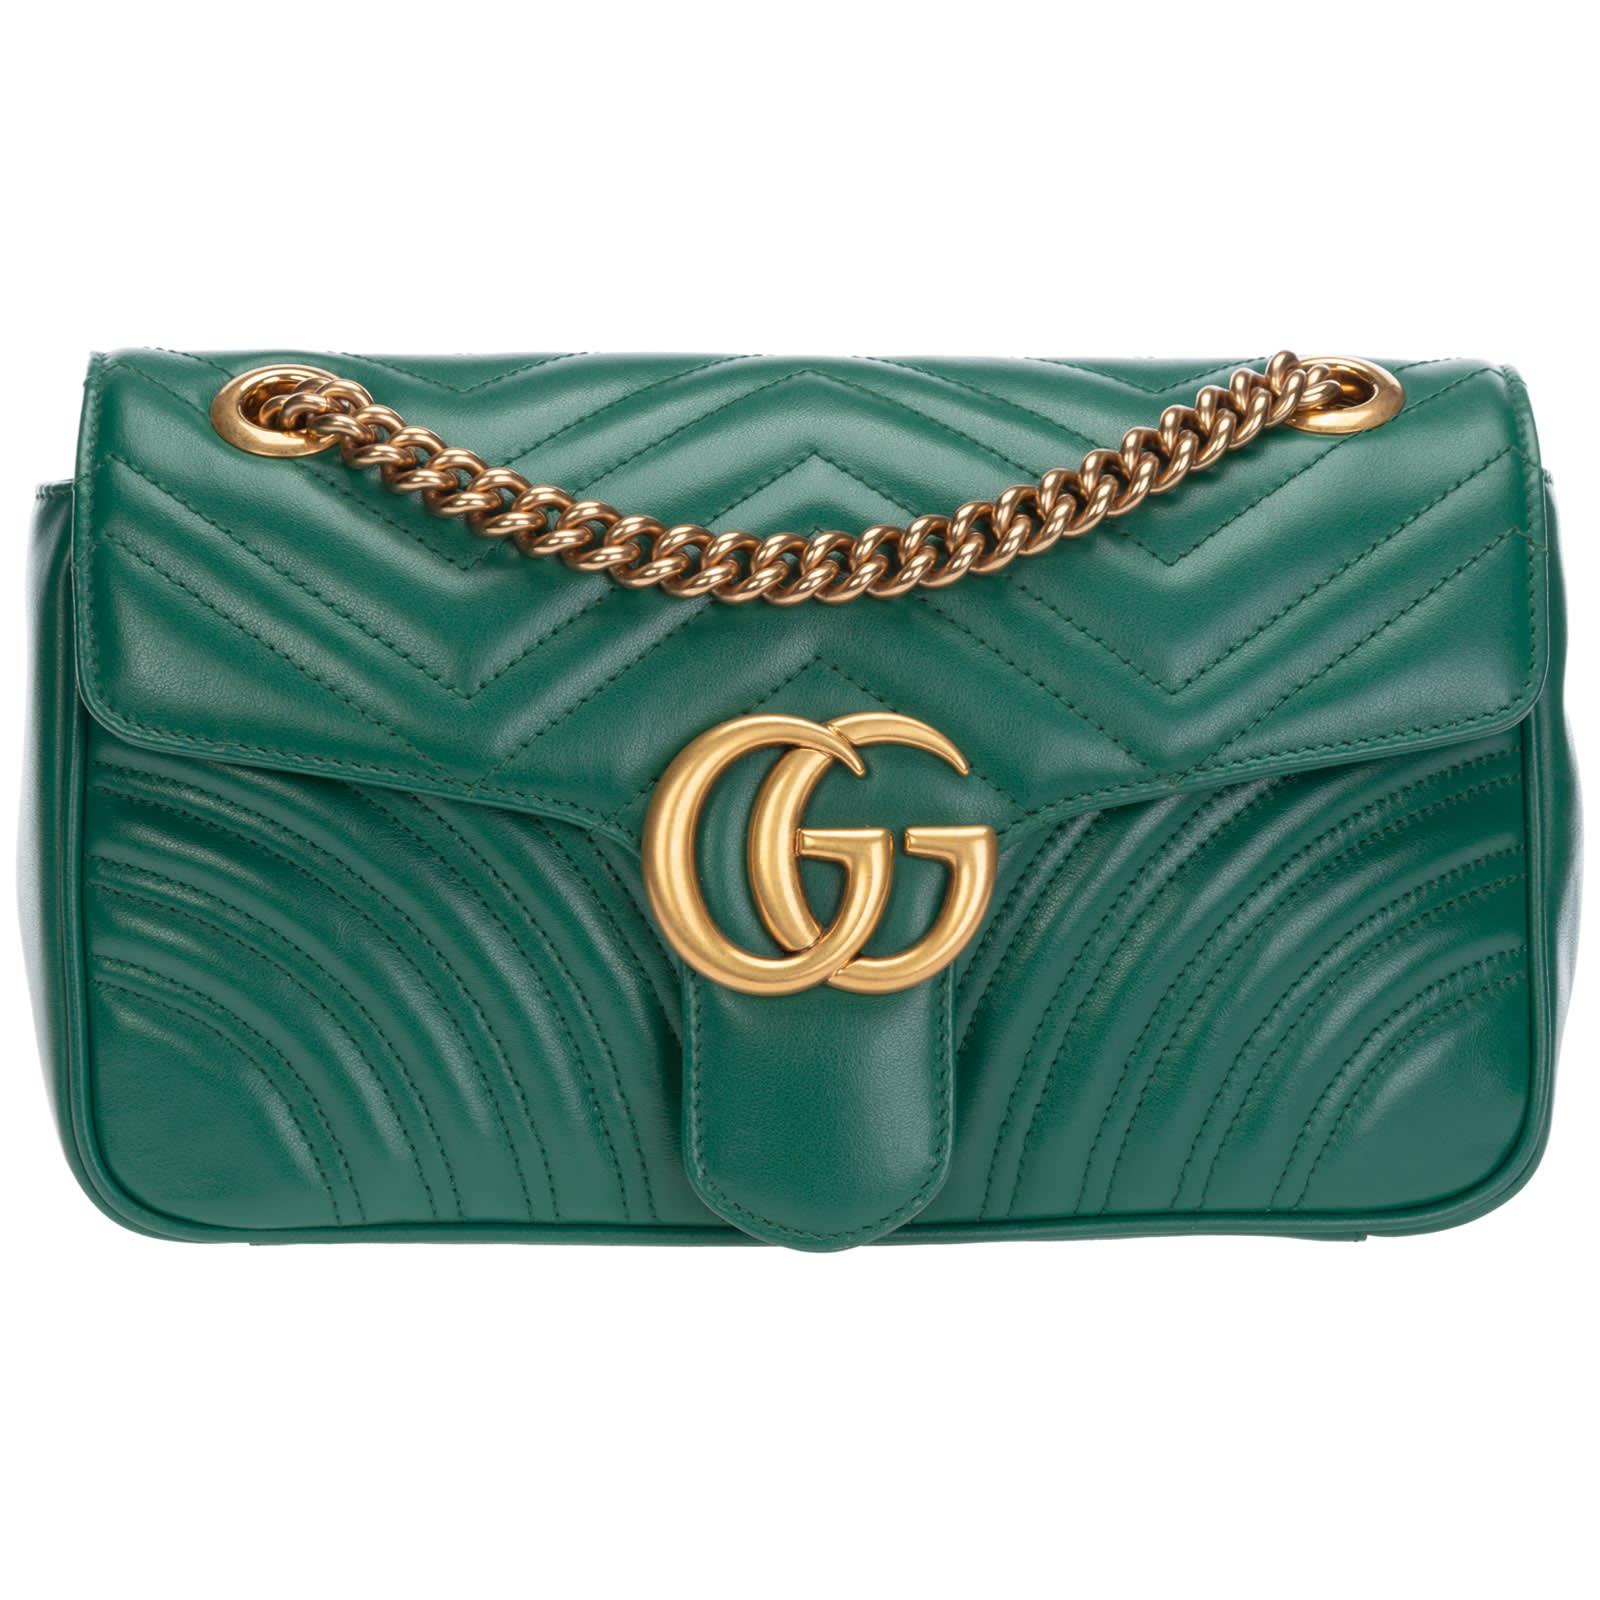 Gucci Shoulder bags MARMONT SHOULDER BAG